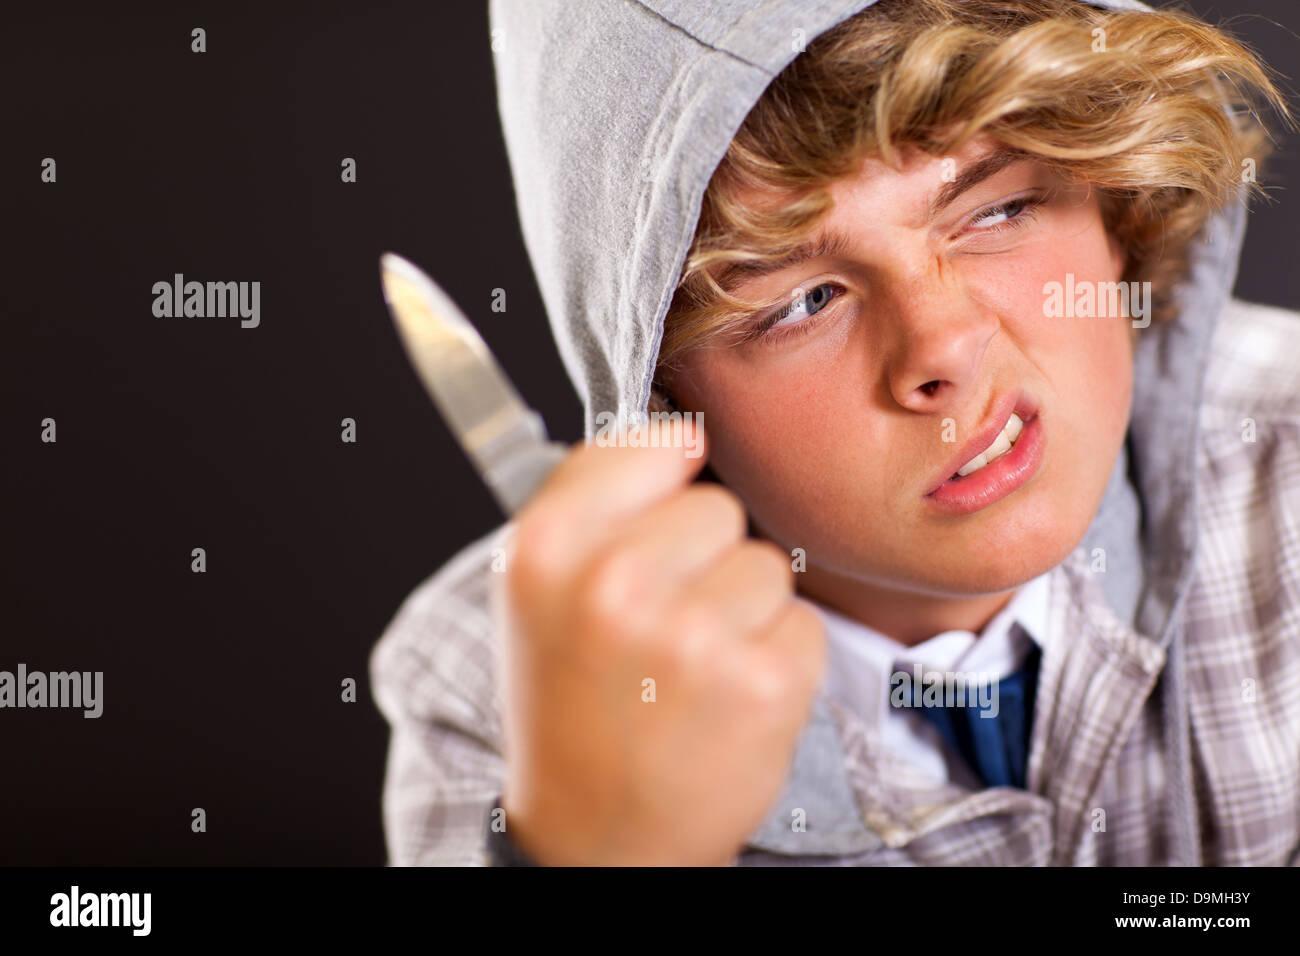 Adolescentes violentos niño sosteniendo un cuchillo sobre fondo negro Imagen De Stock